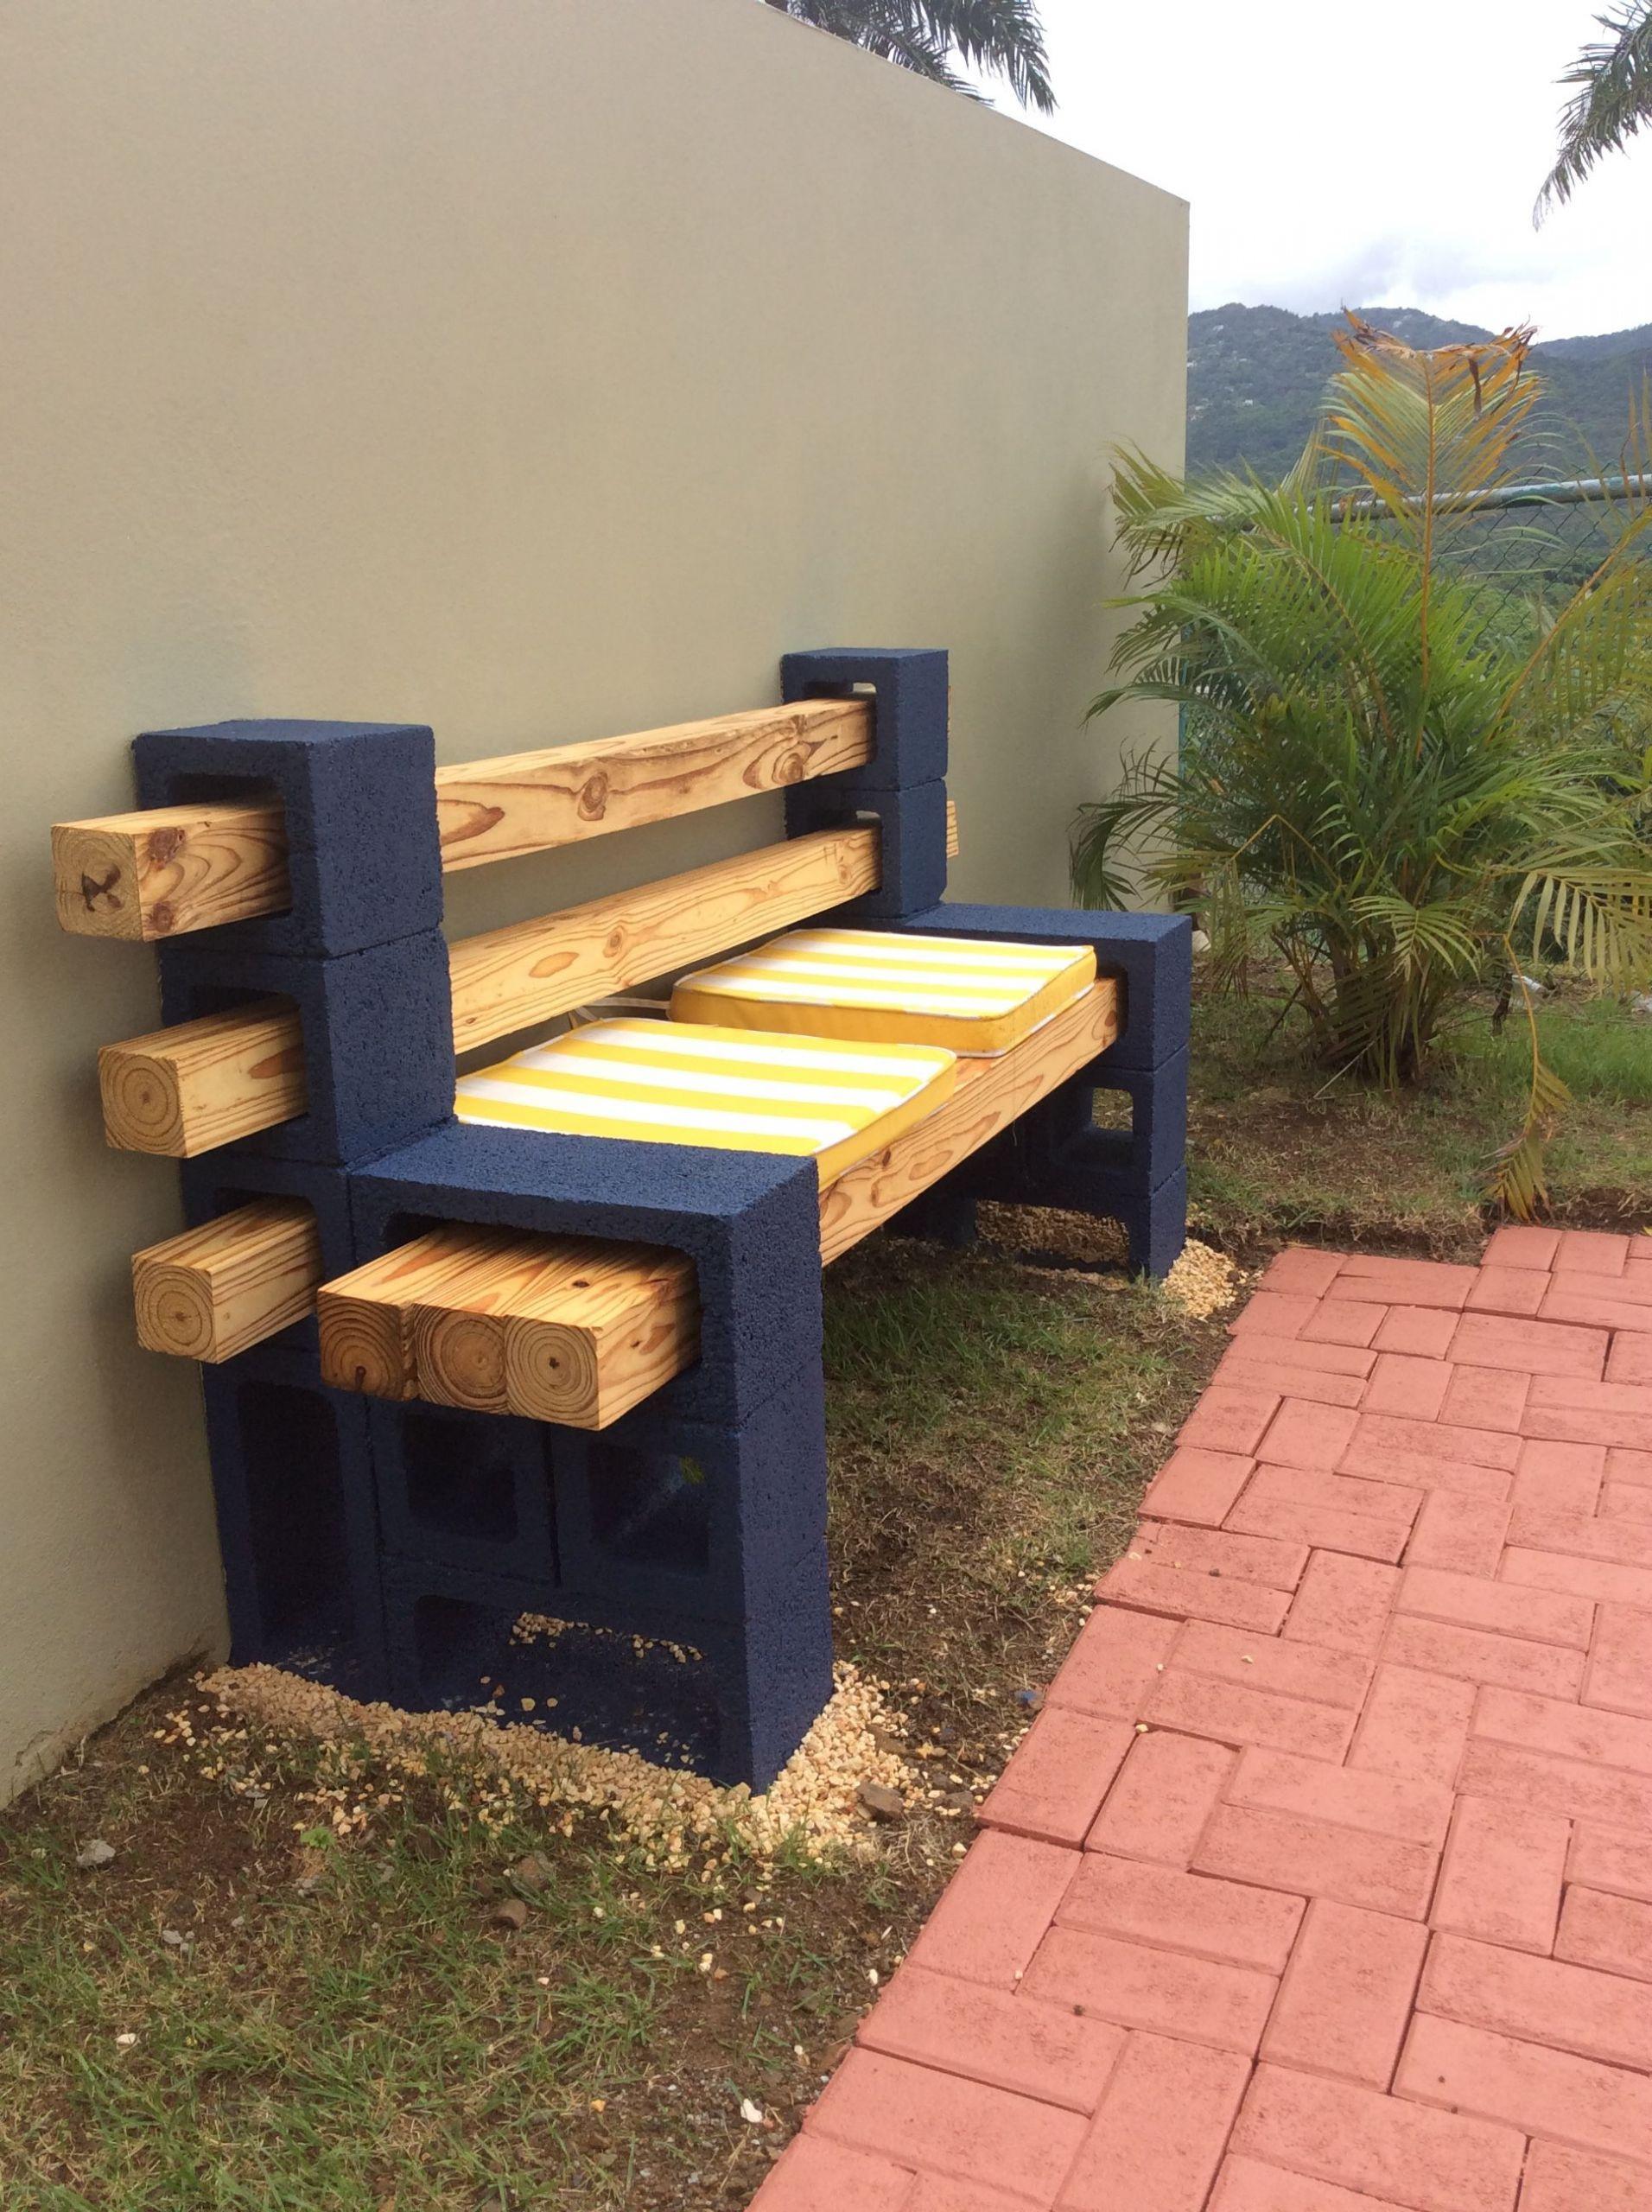 36 Élégant Salon De Jardin En Bambou   Salon Jardin avec Salon De Jardin En Bambou